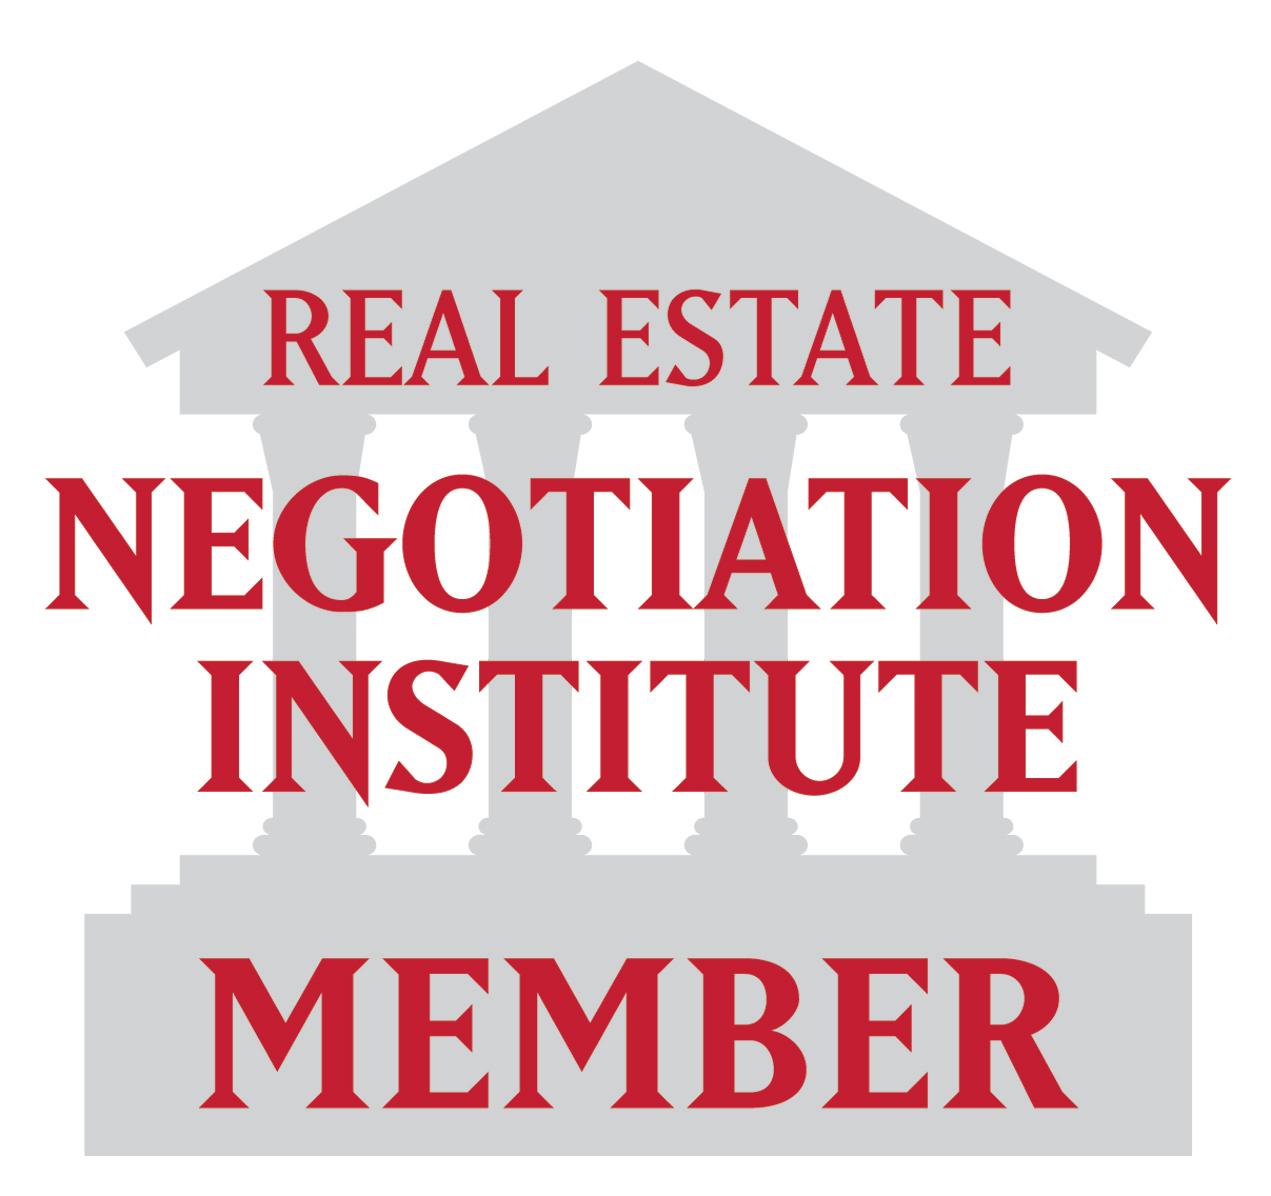 Real Estate Neogiation Institute Member